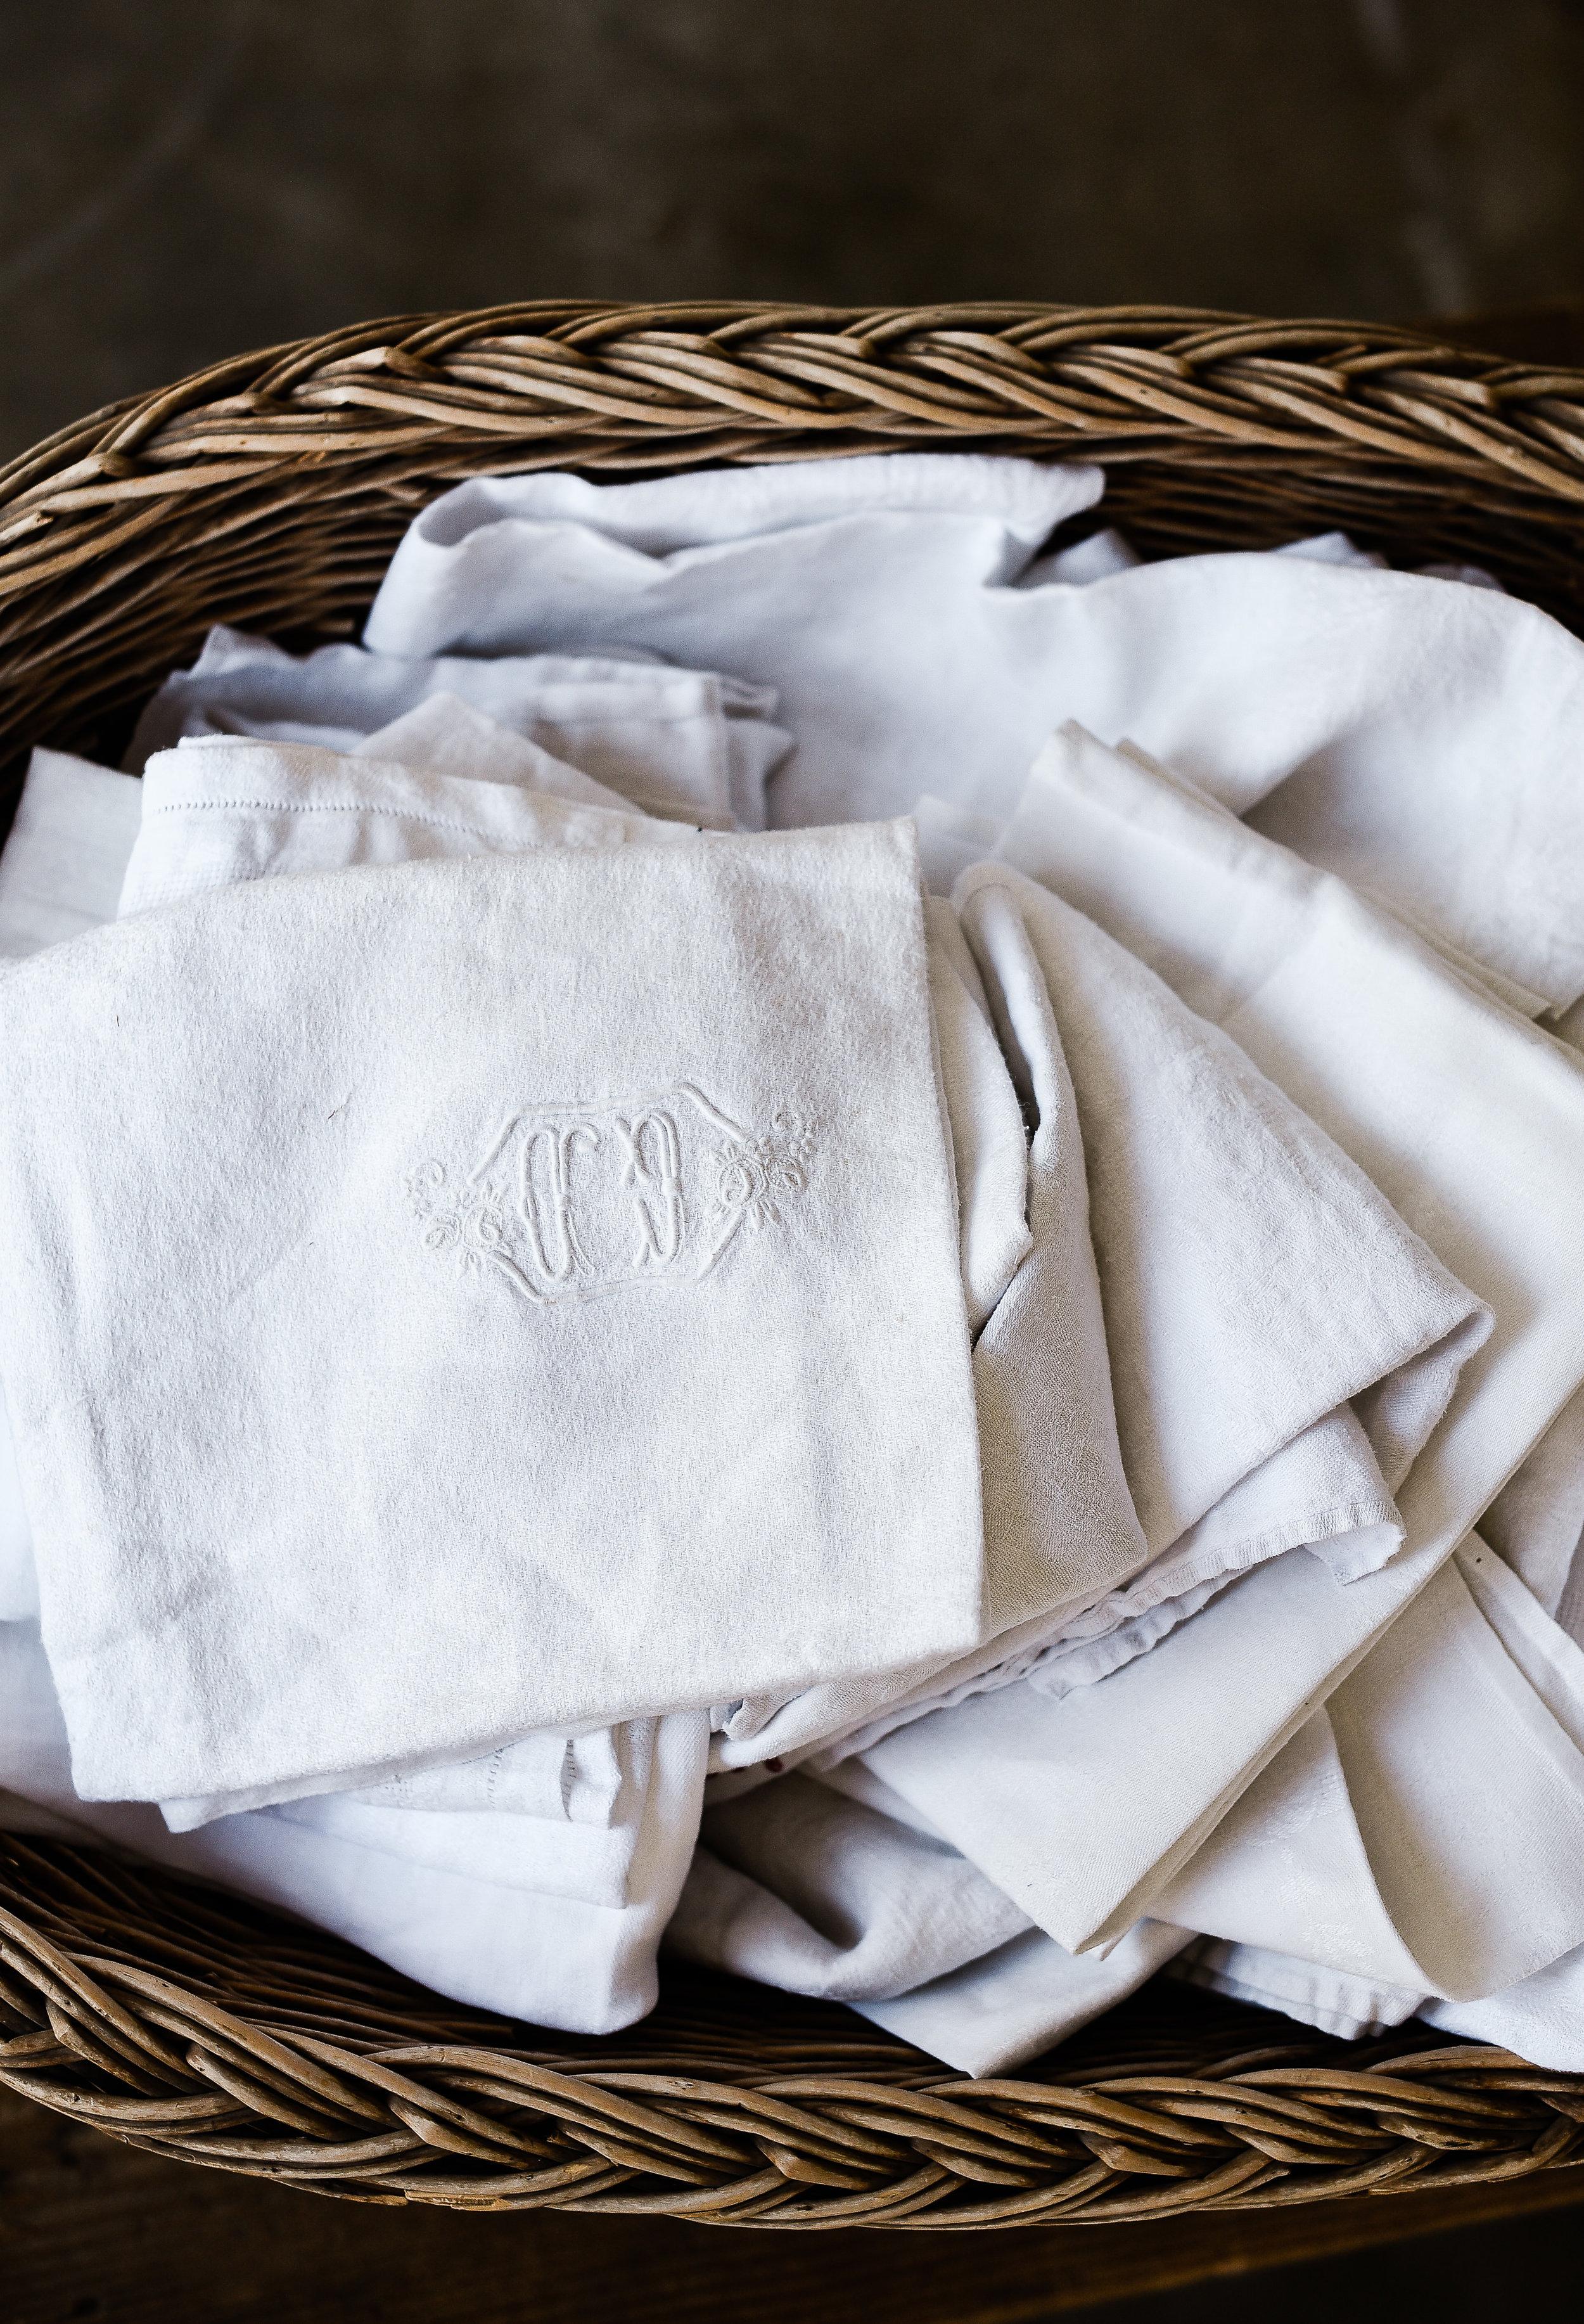 Monogramed linen French vintage napkins